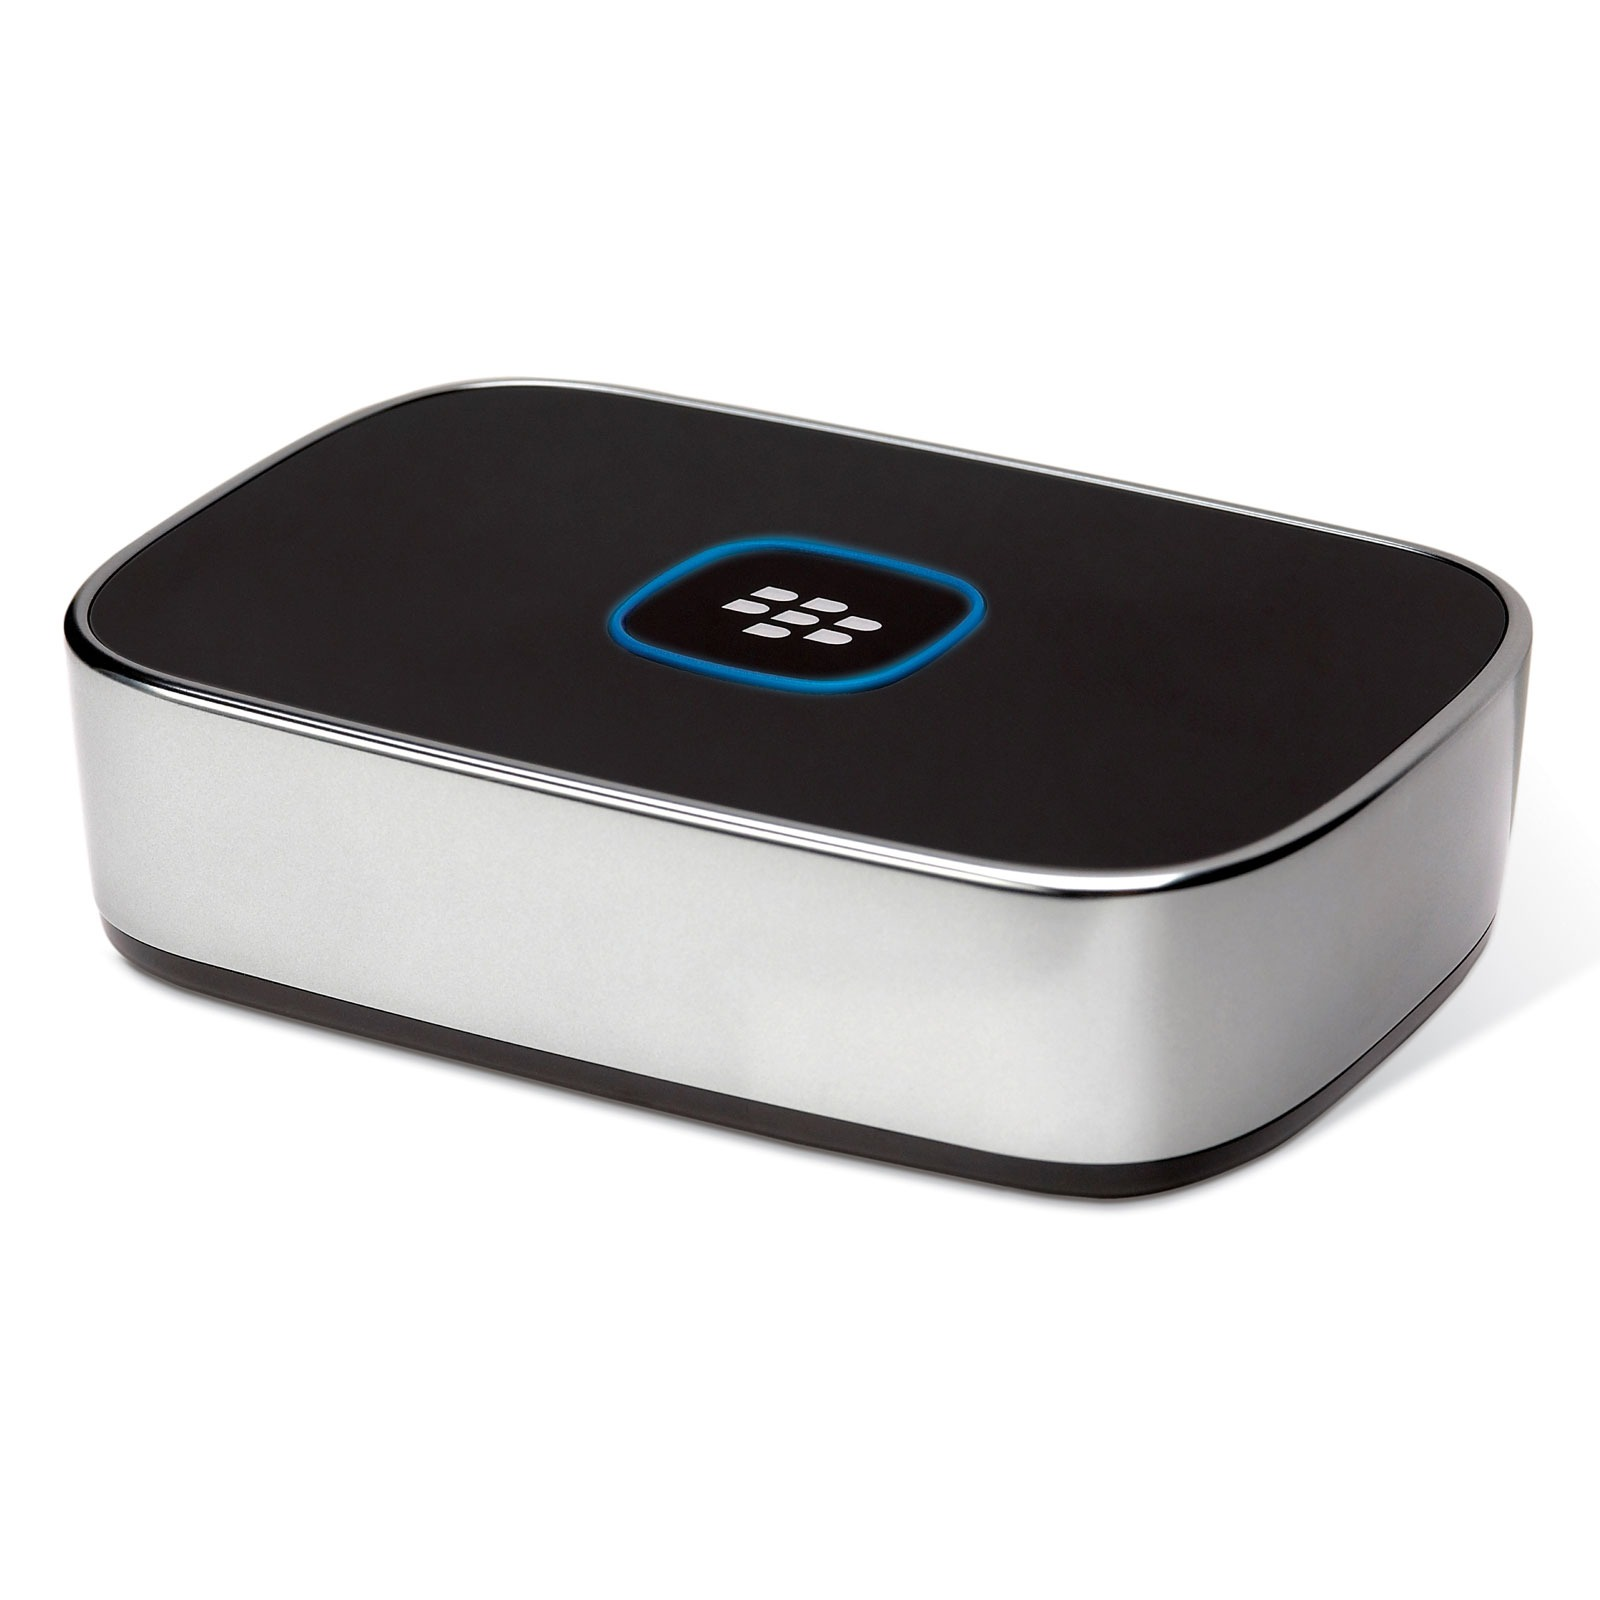 Station d'accueil téléphone BlackBerry Presenter Solution de diffusion de PowerPoint via vidéoprojecteur